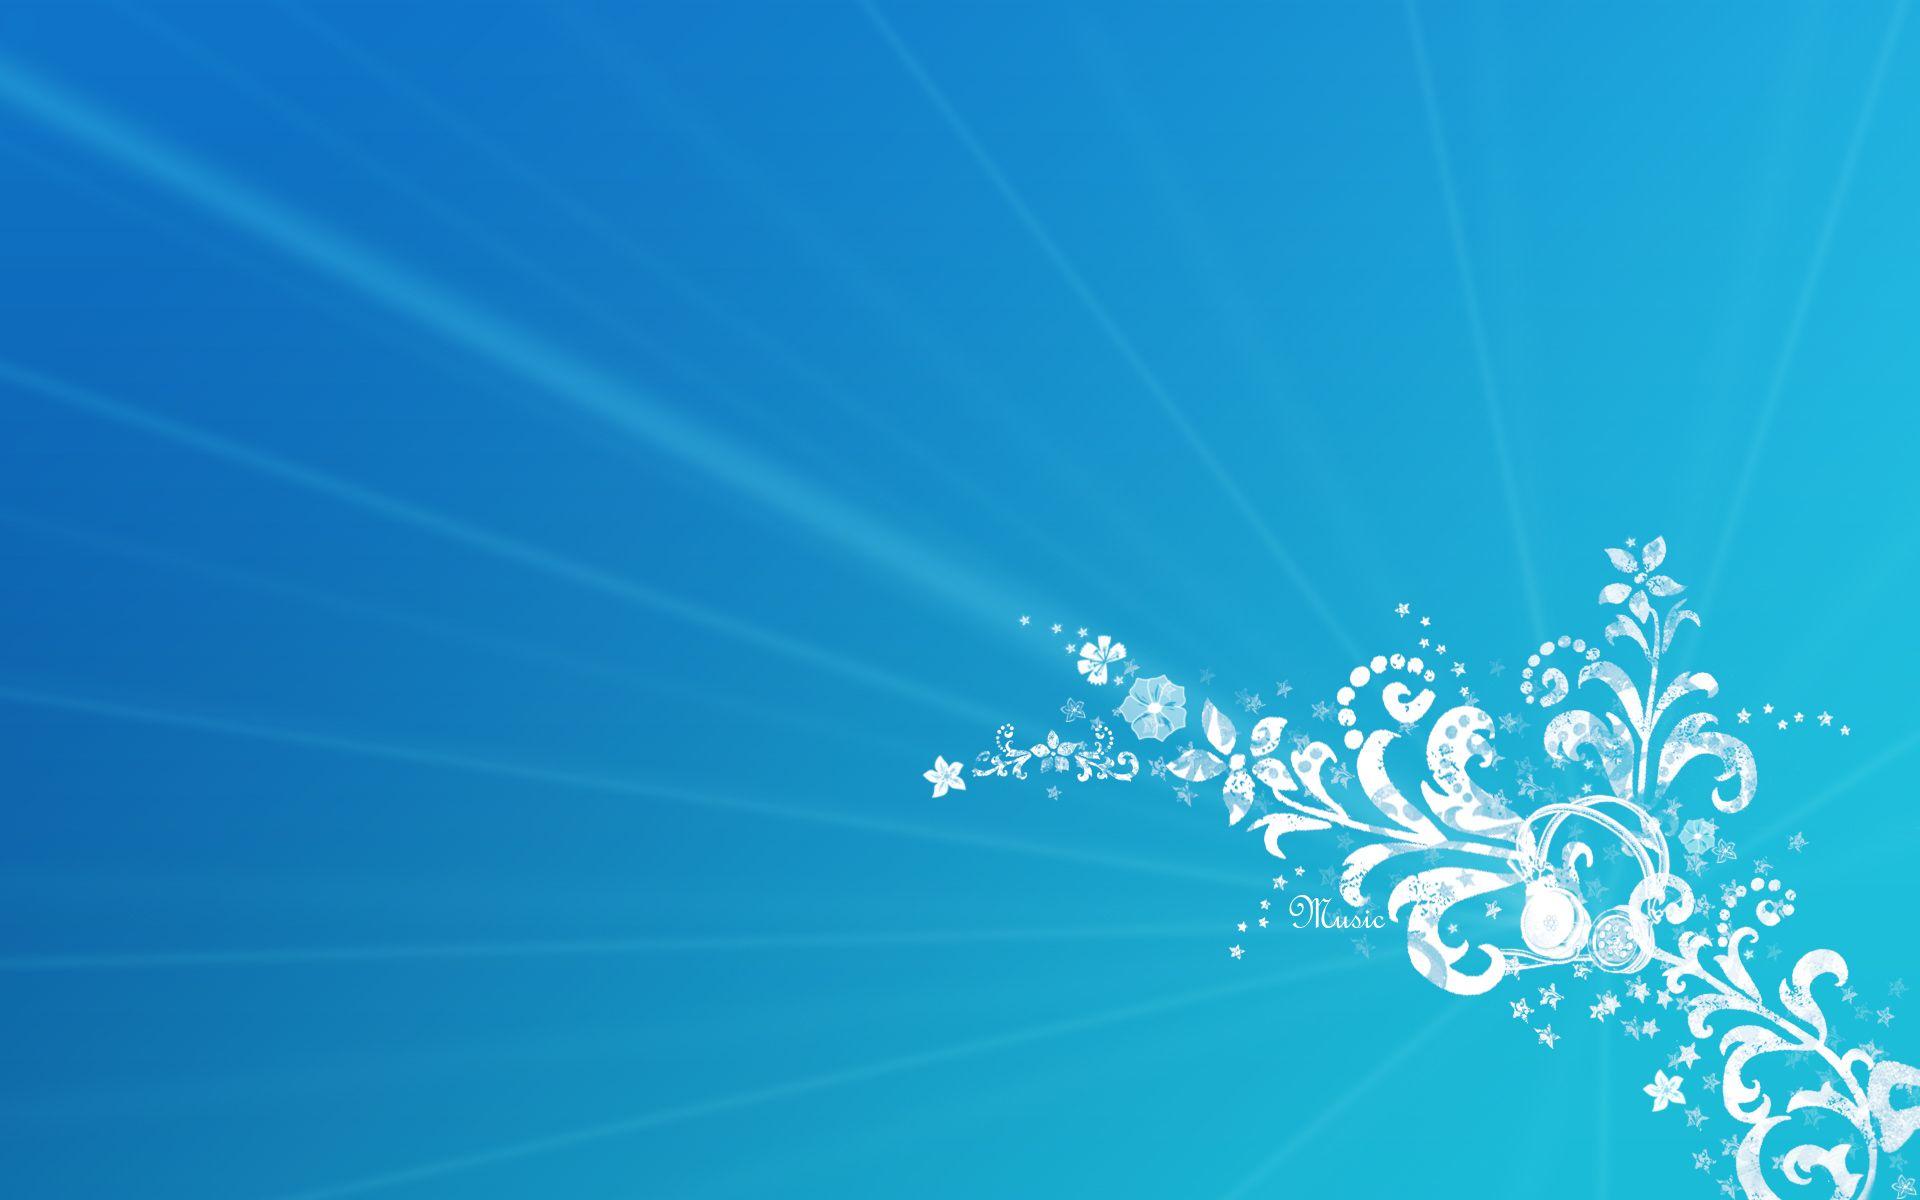 Hoa văn nền xanh